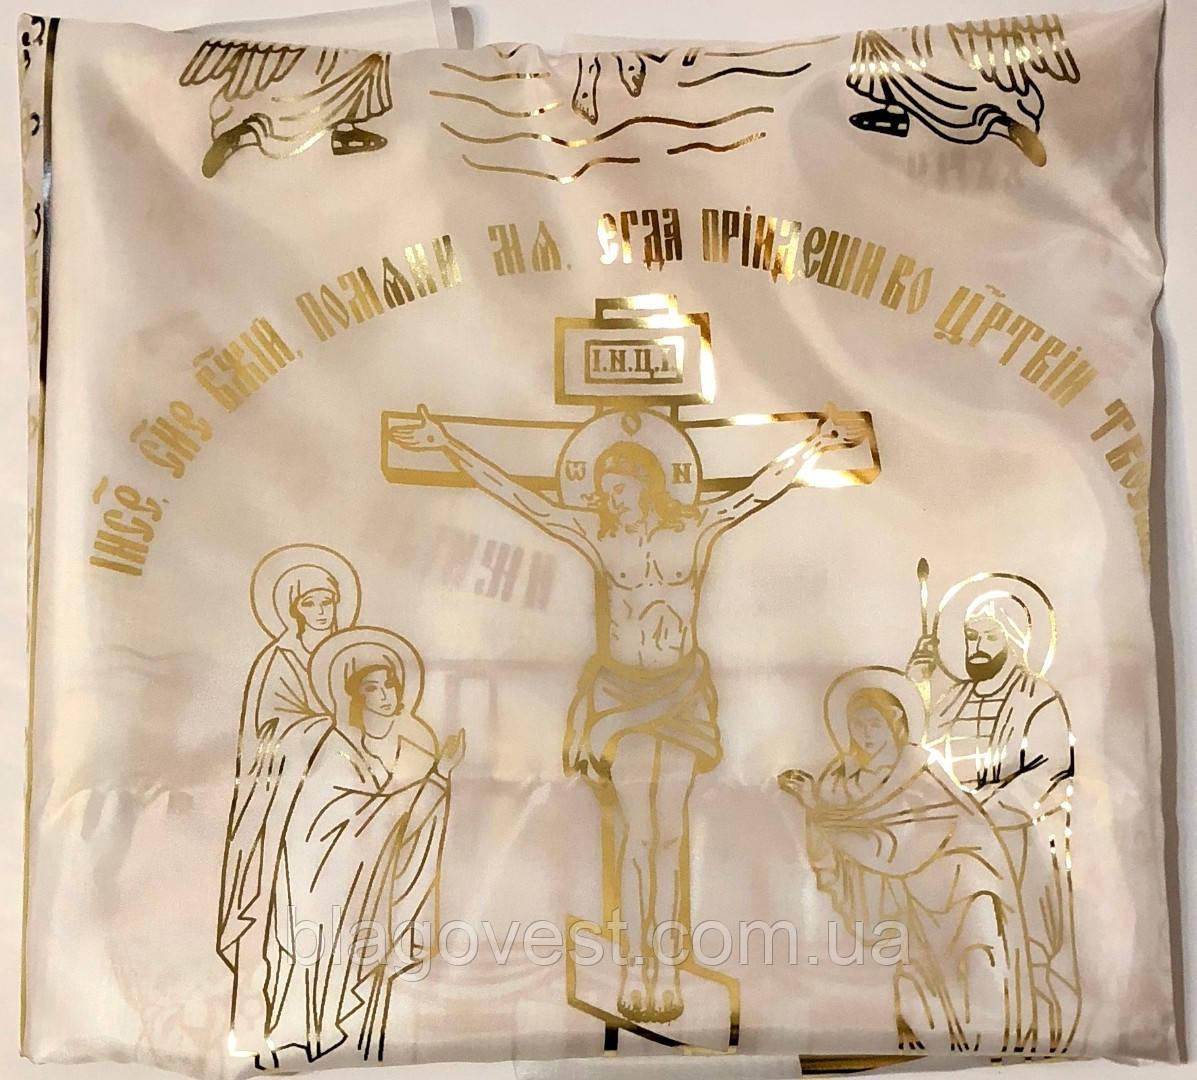 Похоронне покривало шовк золото